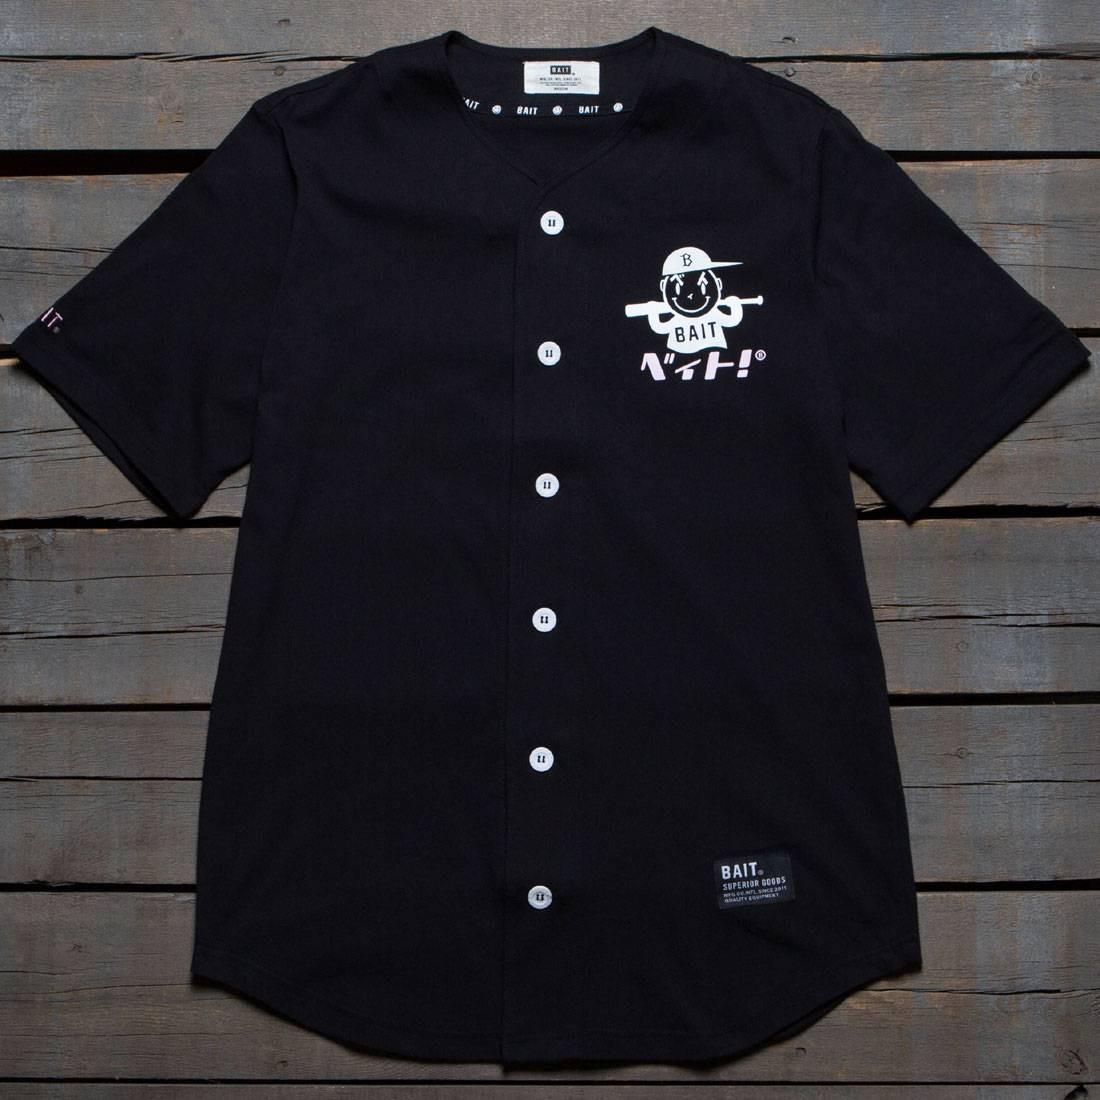 【海外限定 Tシャツ】ロゴ ベースボール ジャージ カットソー Tシャツ BLACK【 NIPPON BAIT MEN NIPPON LOGO BASEBALL JERSEY SHIRT BLACK】, 九州トータルプランニング:e184d62b --- officewill.xsrv.jp